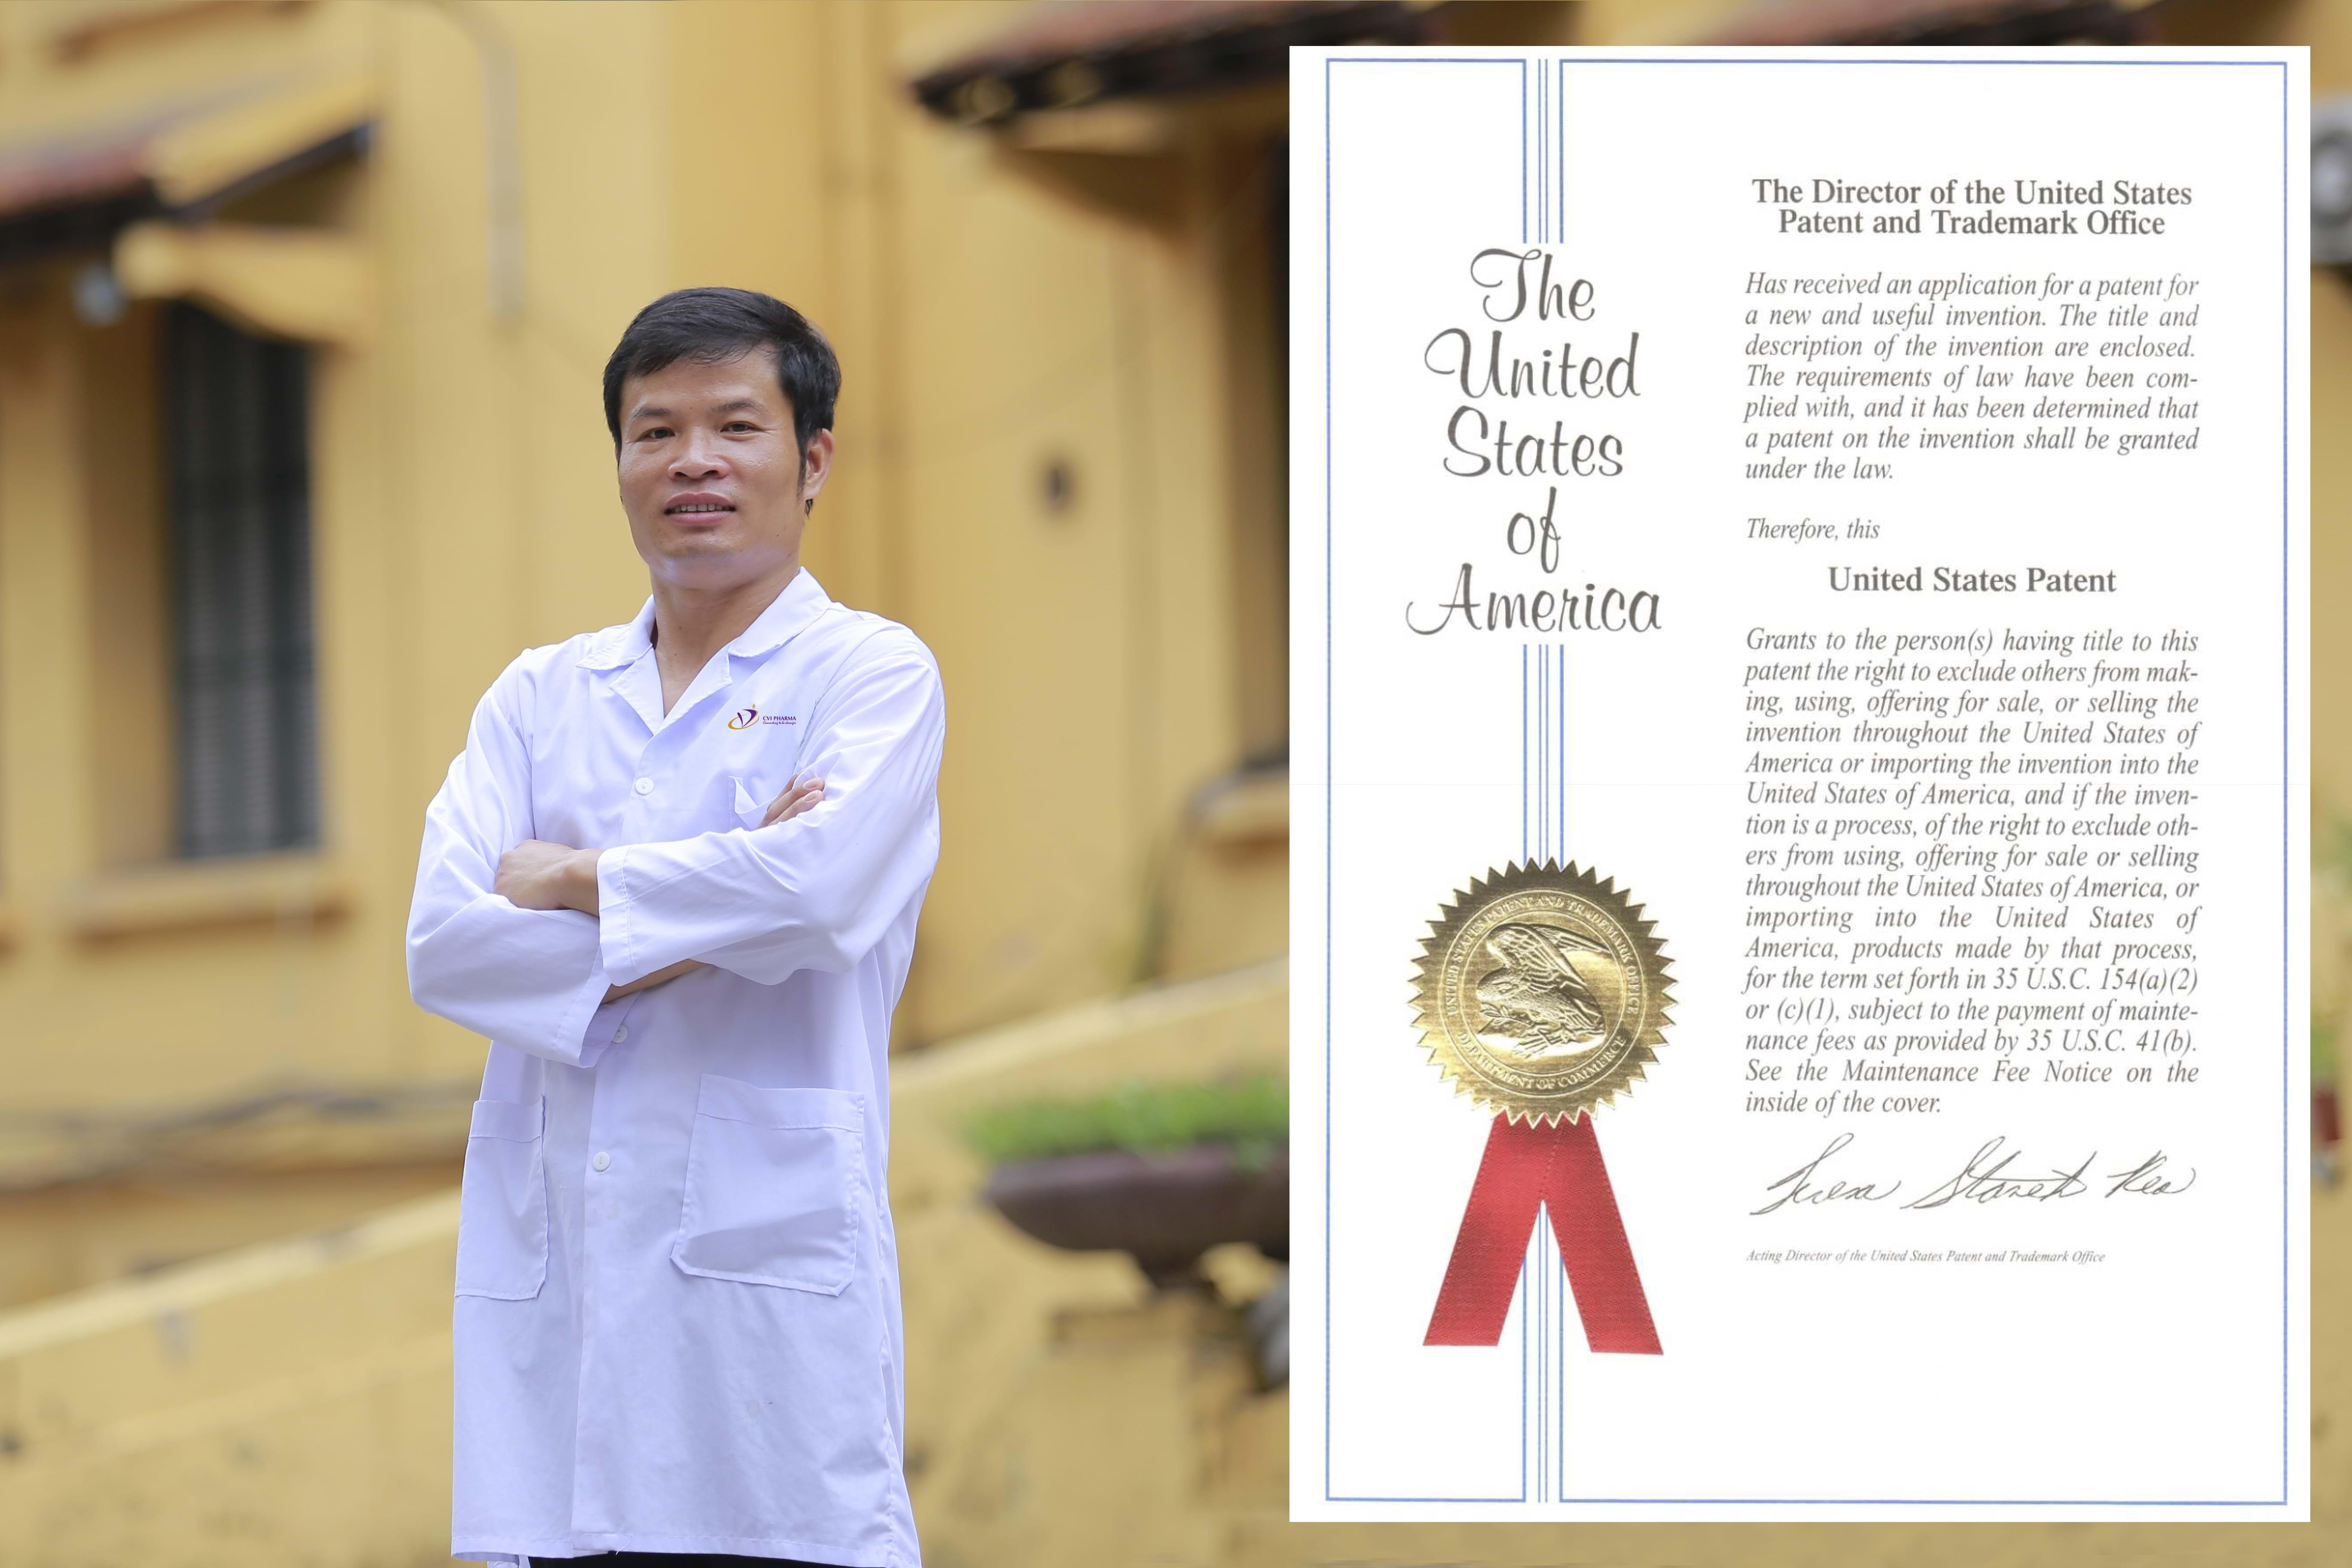 Đề tài nghiên cứu của TS Trần Đức Dũng đã được Mỹ và Đài Loan cấp bằng sáng chế